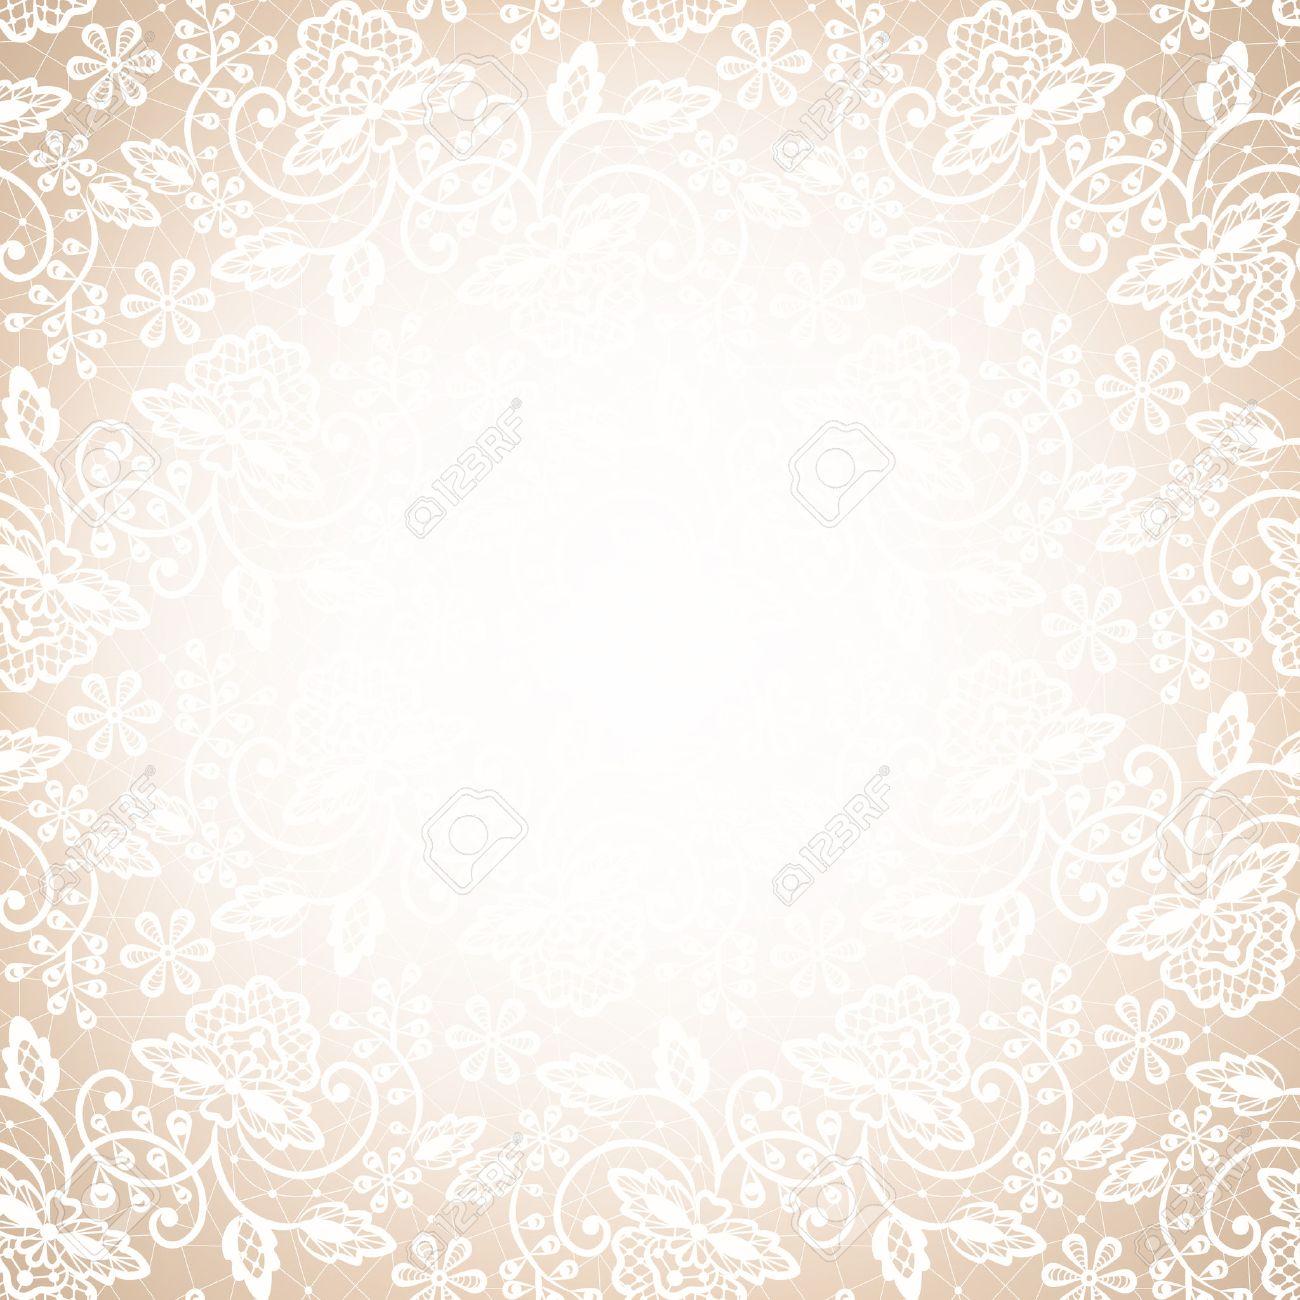 Vorlage Für Hochzeit, Einladung Oder Grußkarte Mit Weißen Spitzen ...